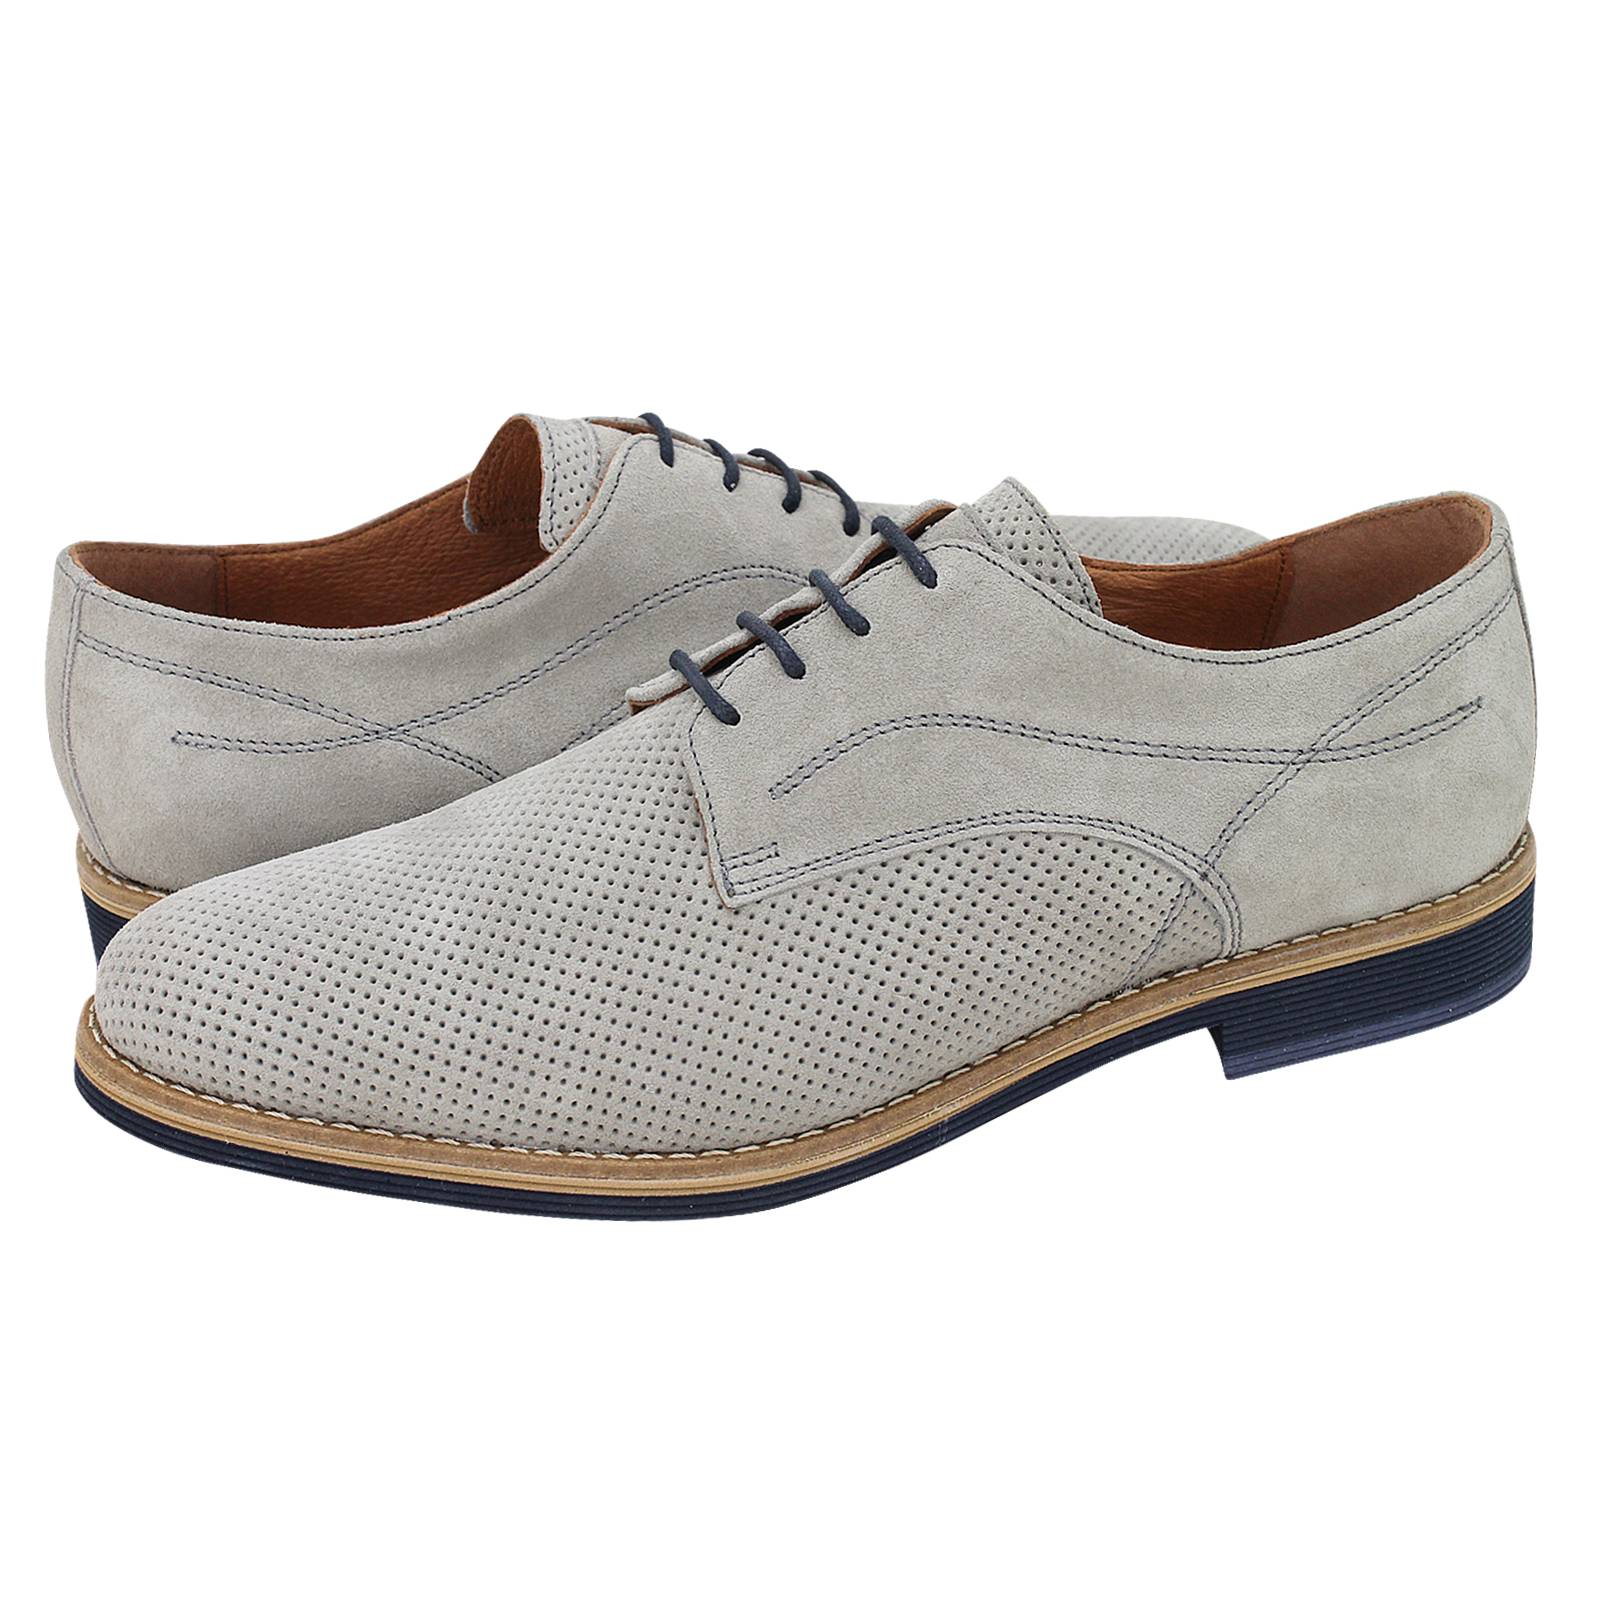 0adb194b2f6 Sucha - Ανδρικά δετά παπούτσια Kricket από καστορι - Gianna Kazakou ...